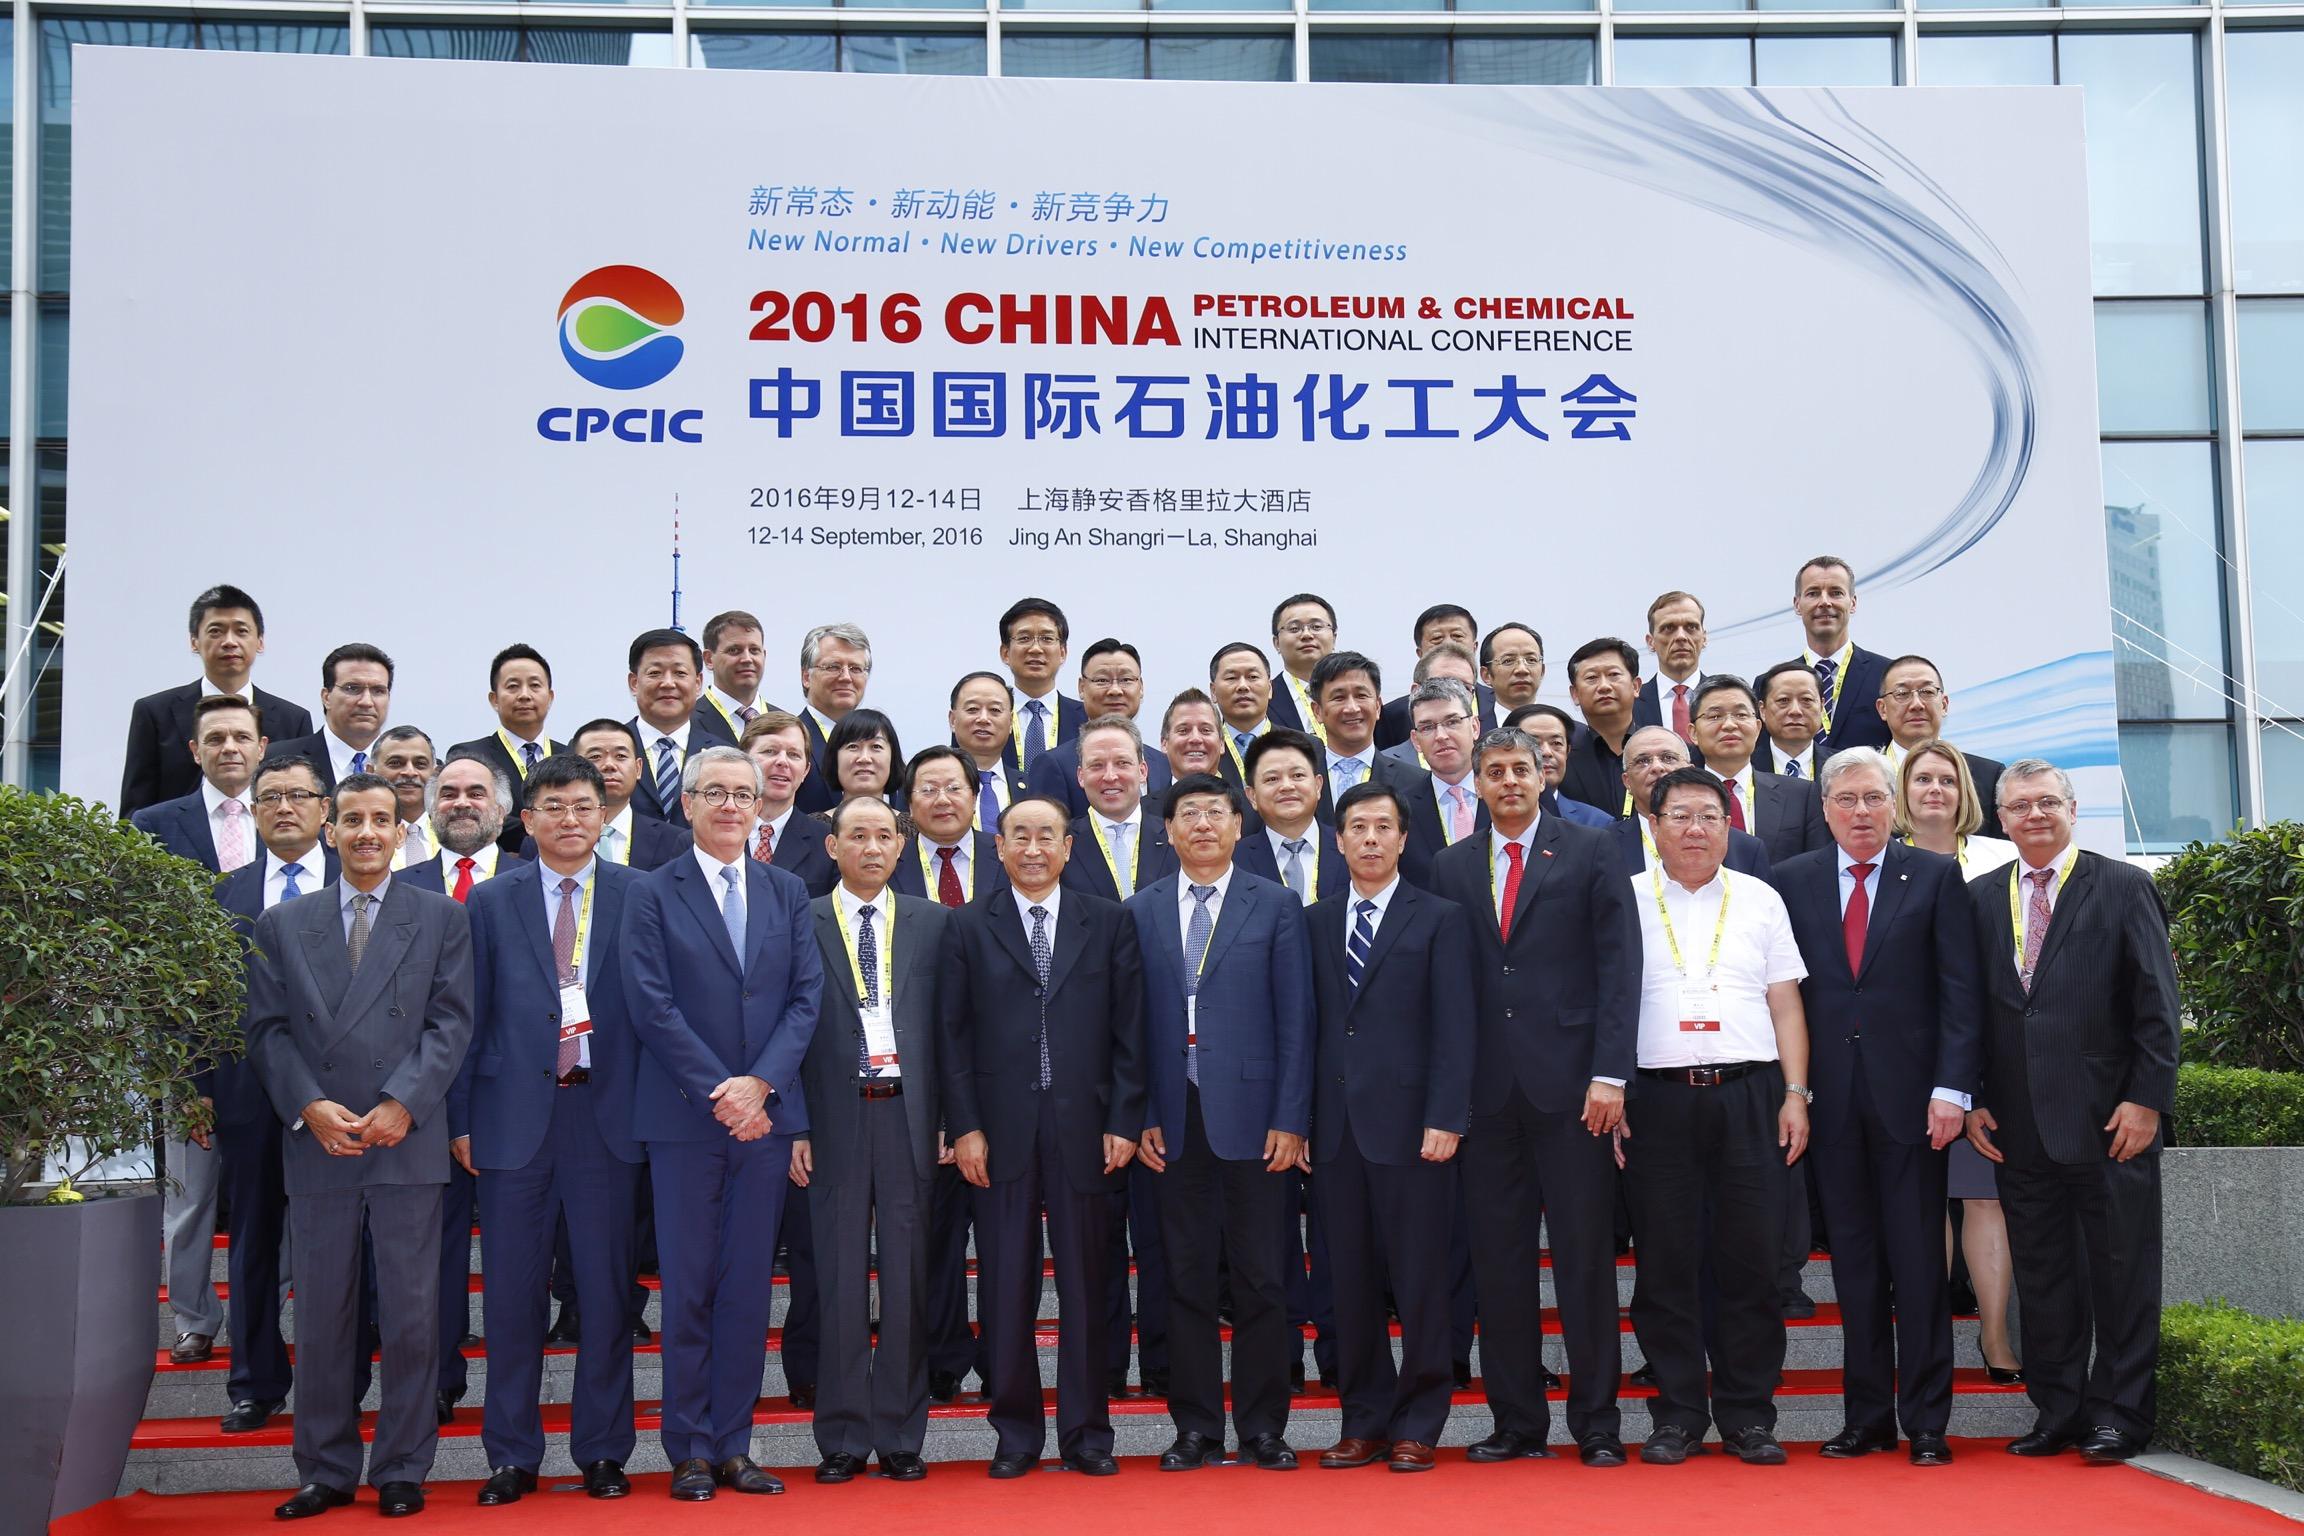 2016(第七届)中国国际石油化工大会隆重开幕 国烨跨境大宗商品电商平台盛装亮相